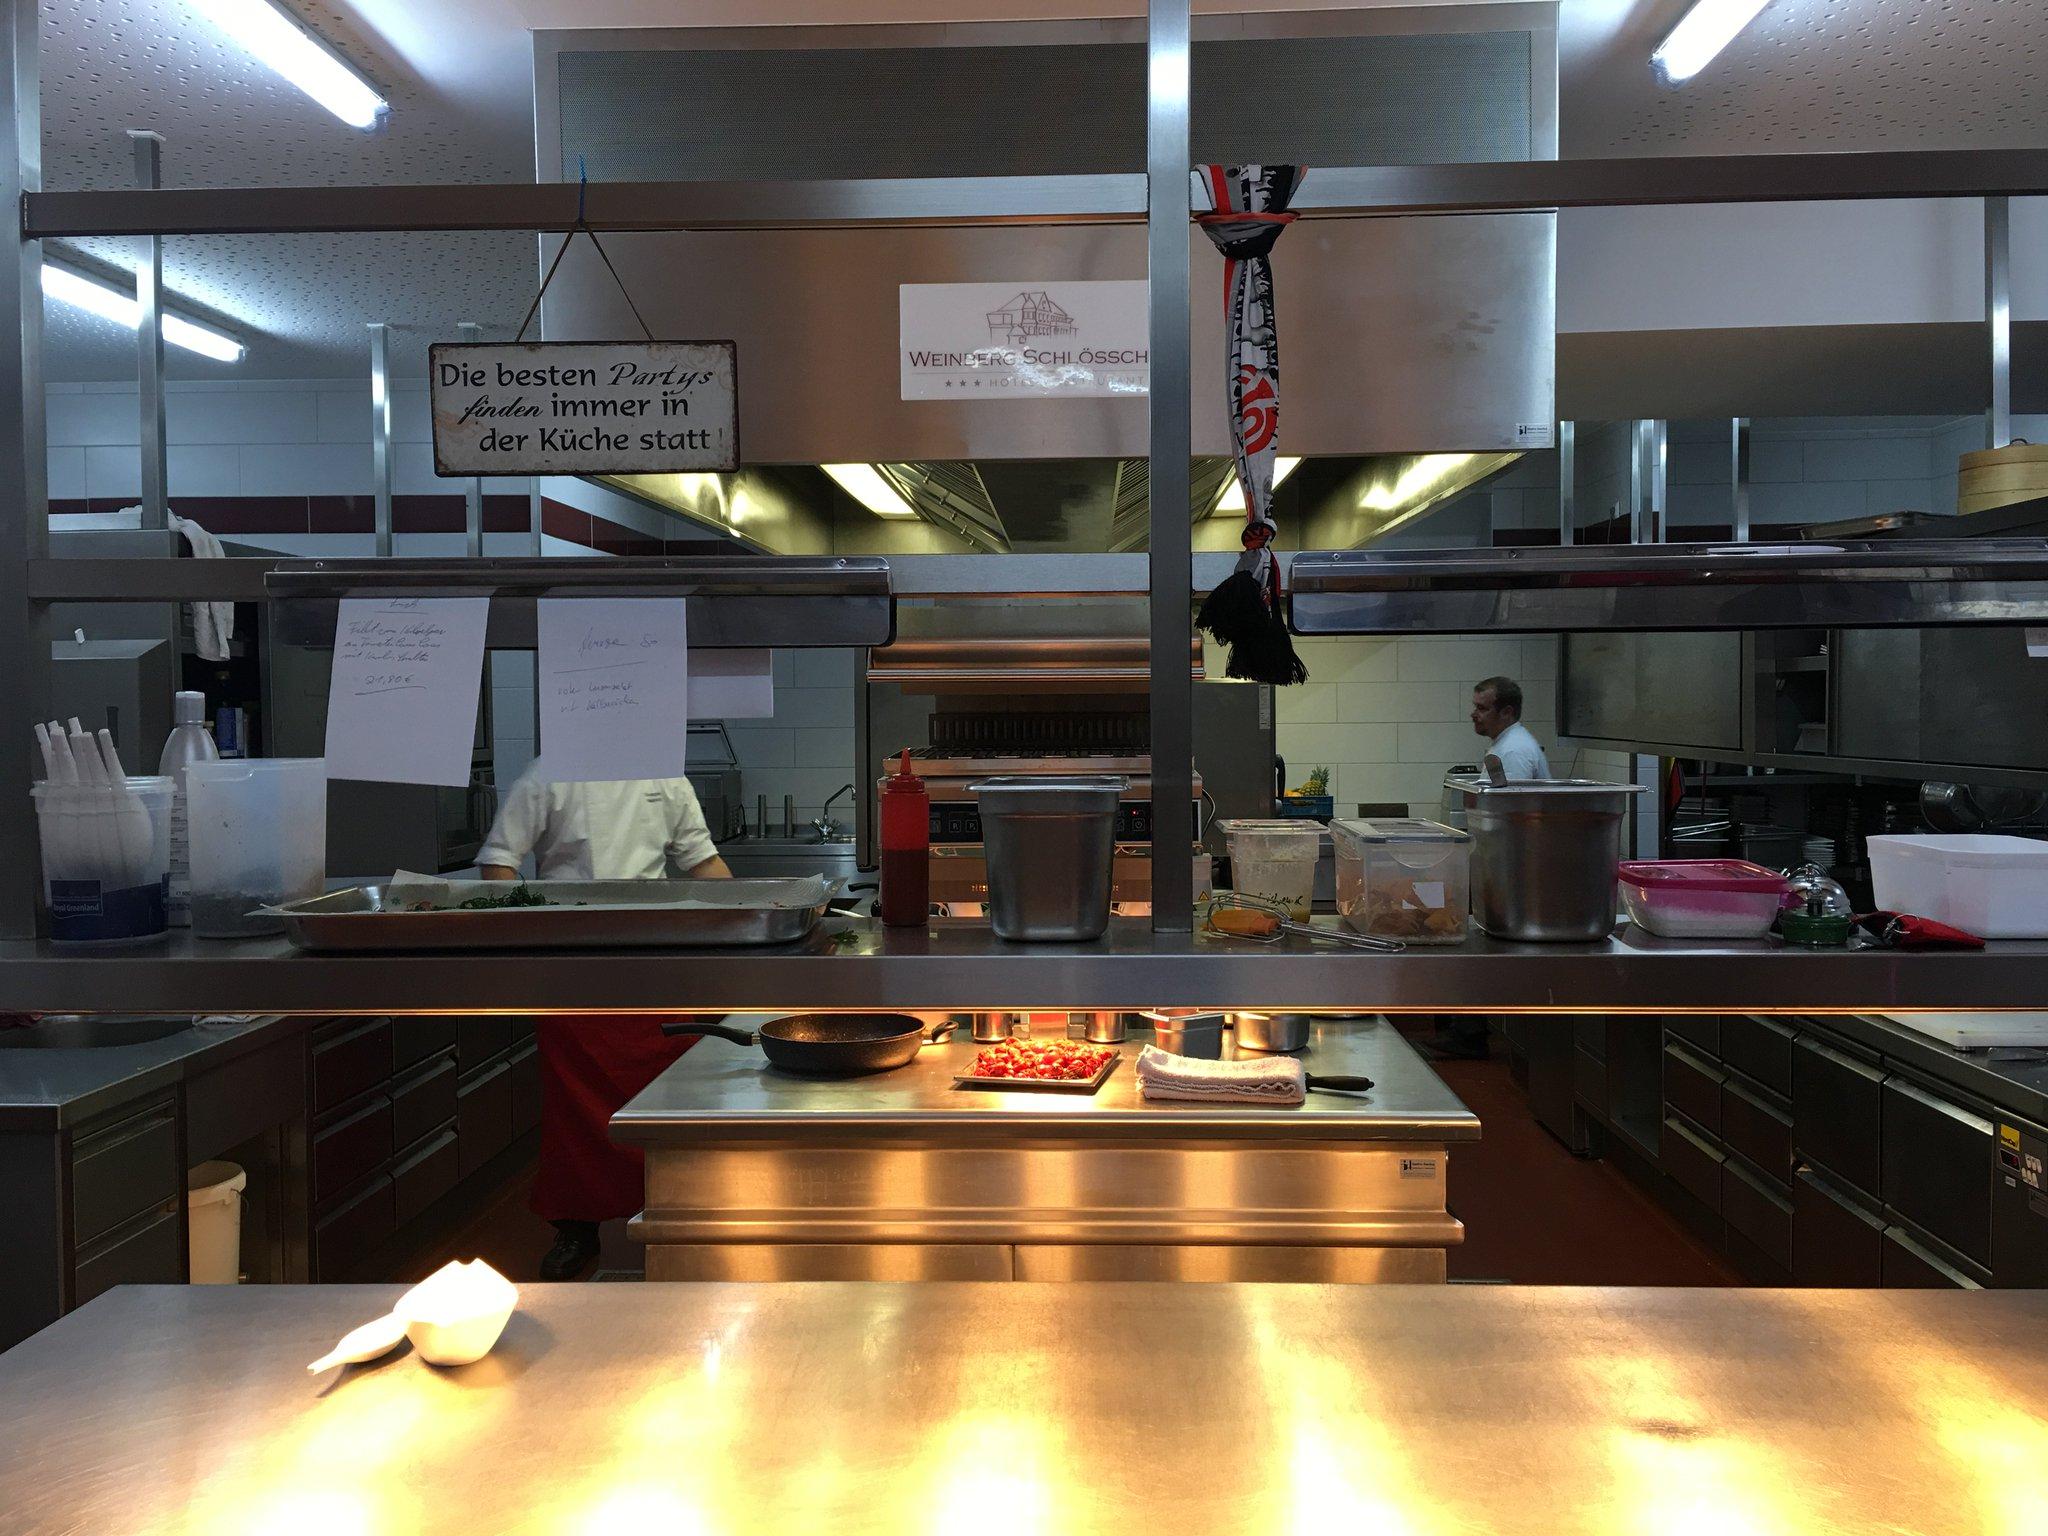 Der schönste Platz ist ja immer in der Küche #meurers #weinbs https://t.co/14D3rH0hGA